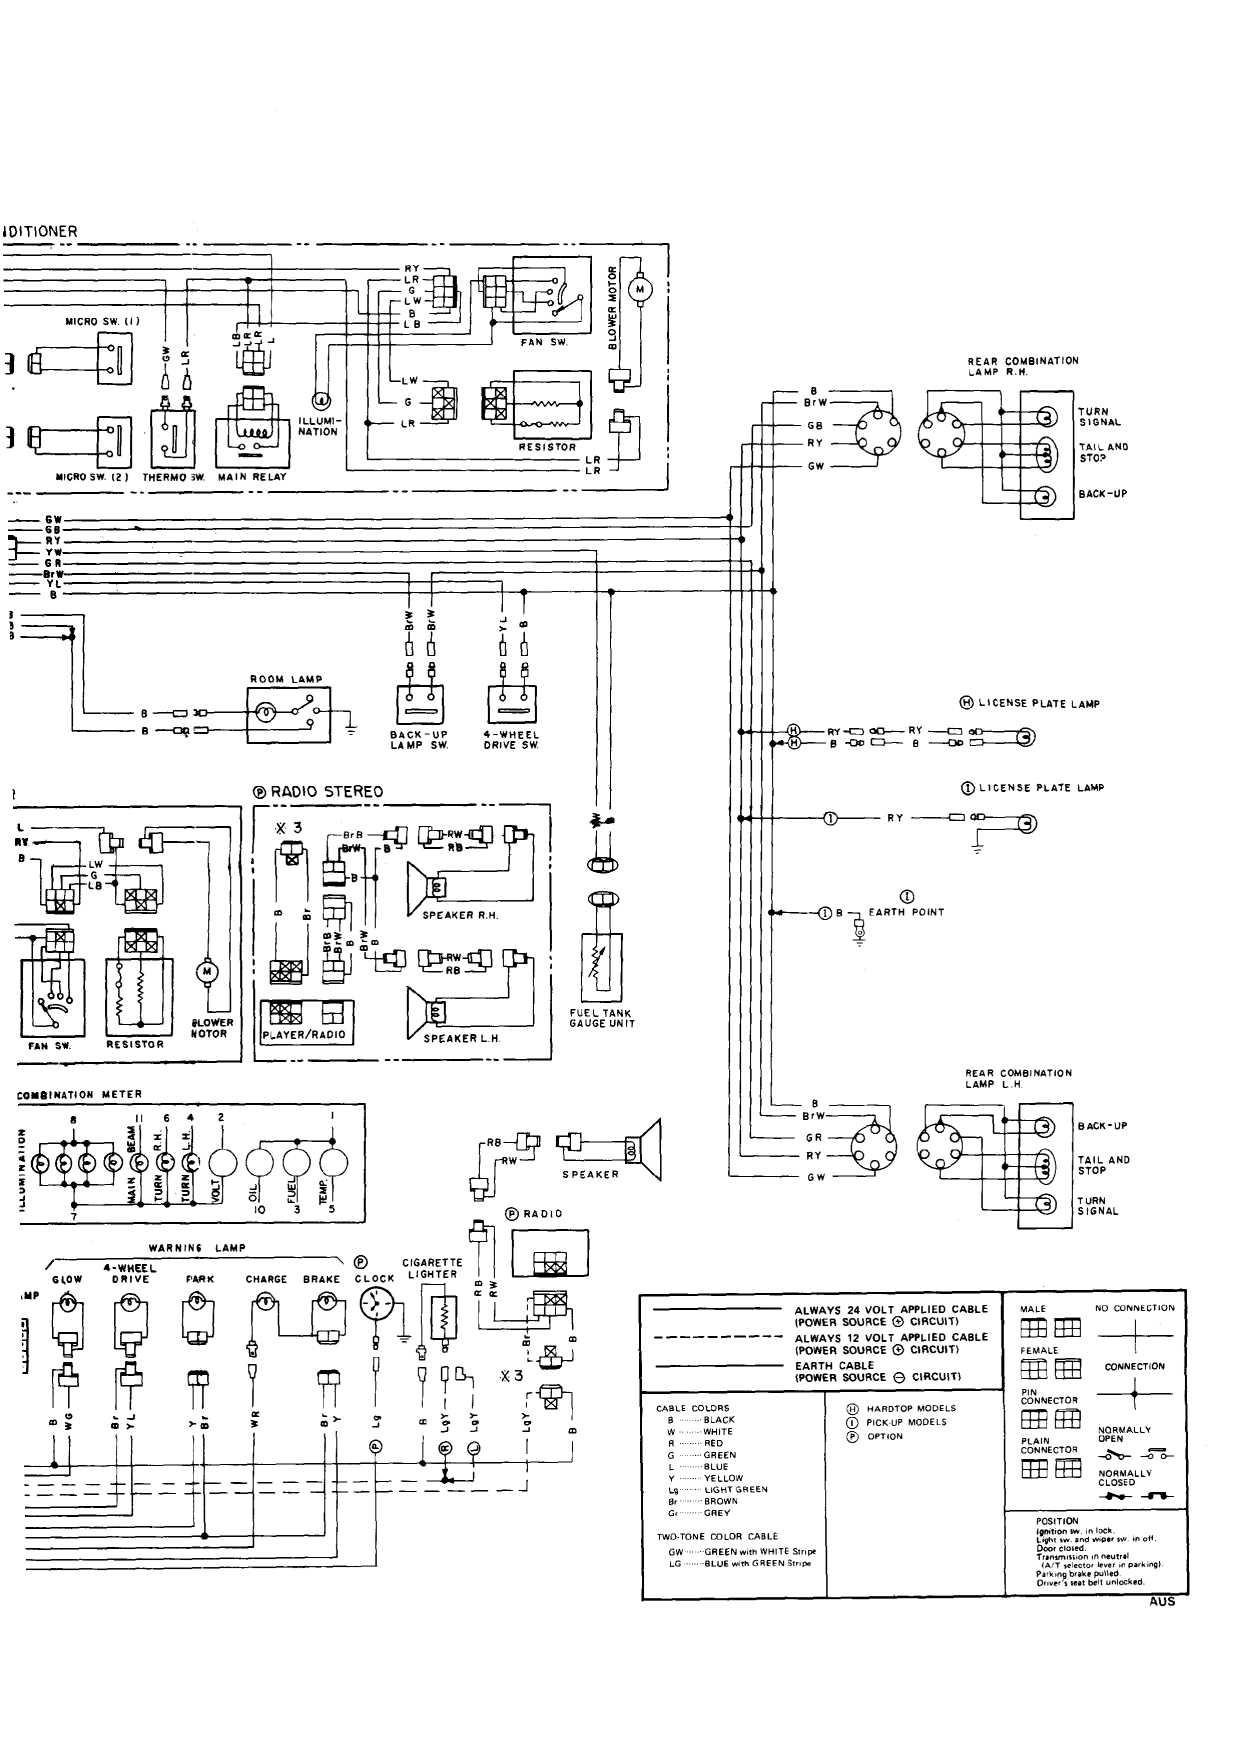 wiring diagram here motor diagrams elsavadorla